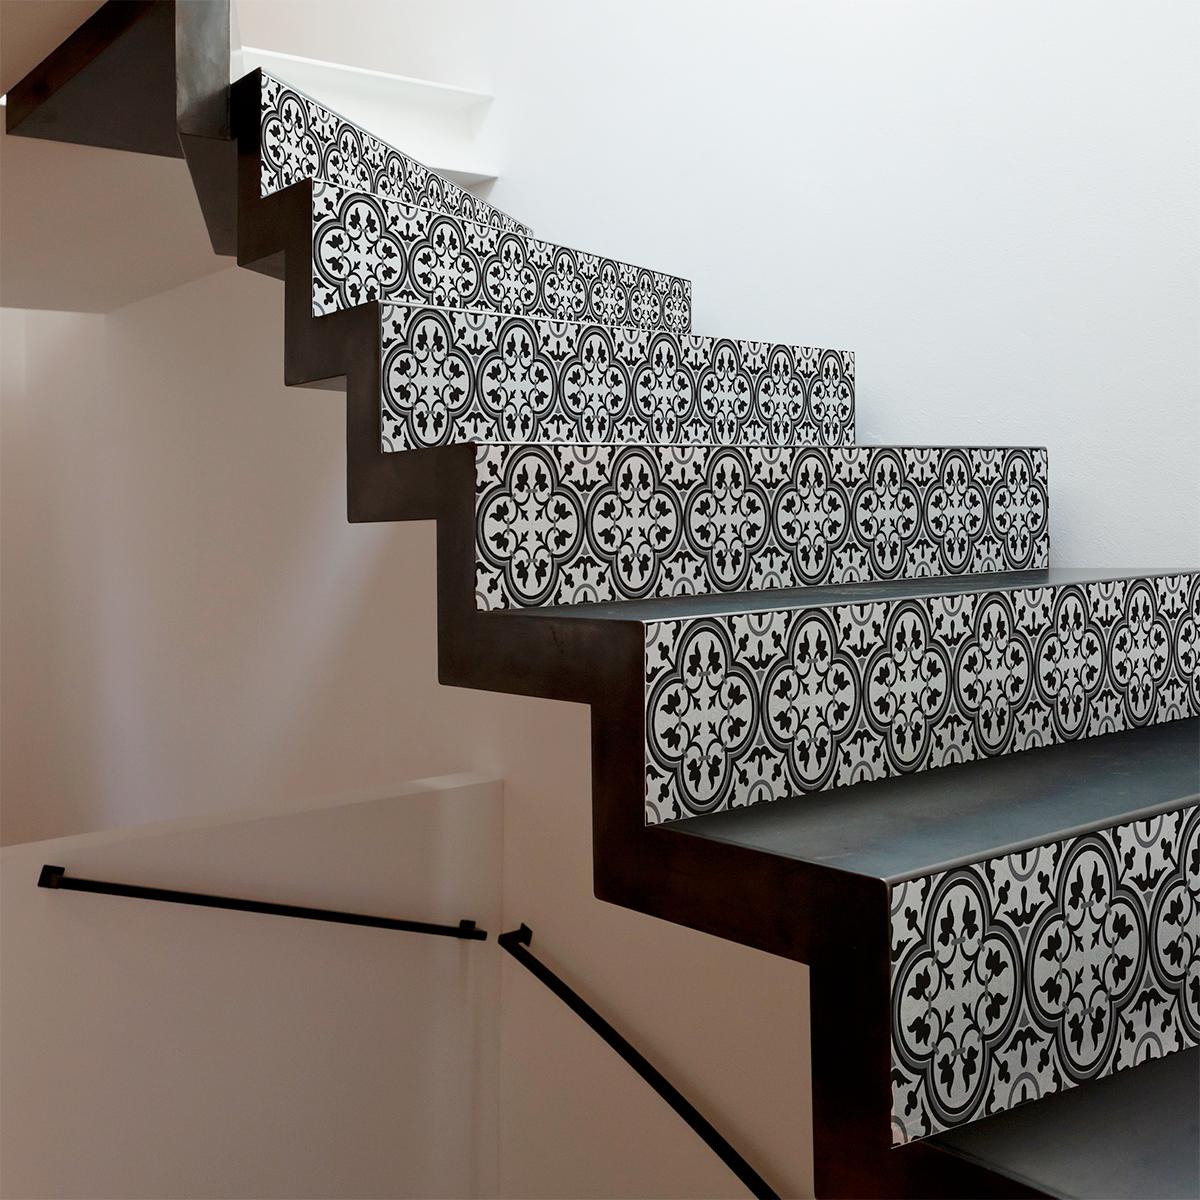 stickers contremarche carreaux de ciment lucia x 2 jenica nouveaut s ambiance sticker. Black Bedroom Furniture Sets. Home Design Ideas